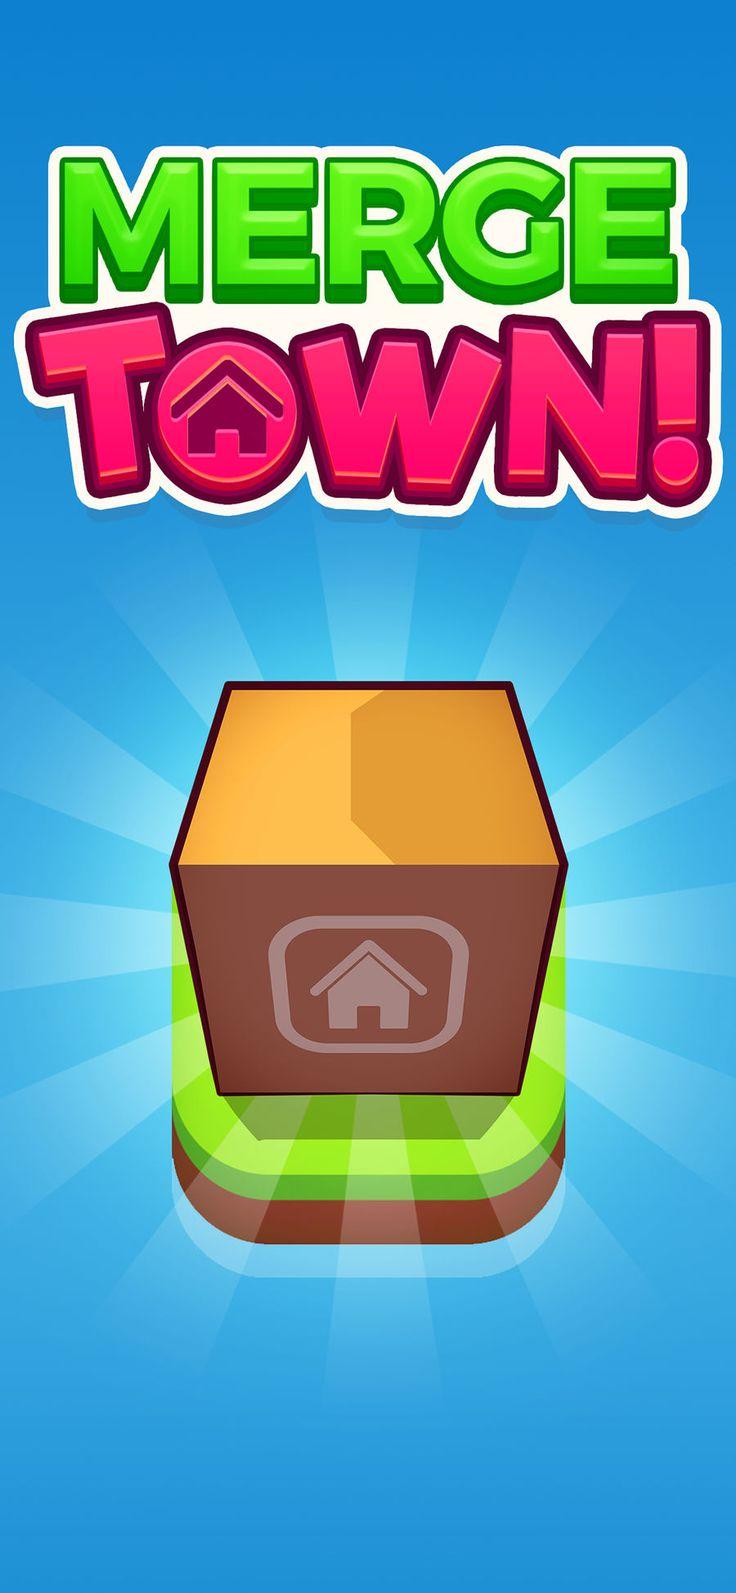 Merge town puzzlesimulationappsios ios apps merge app